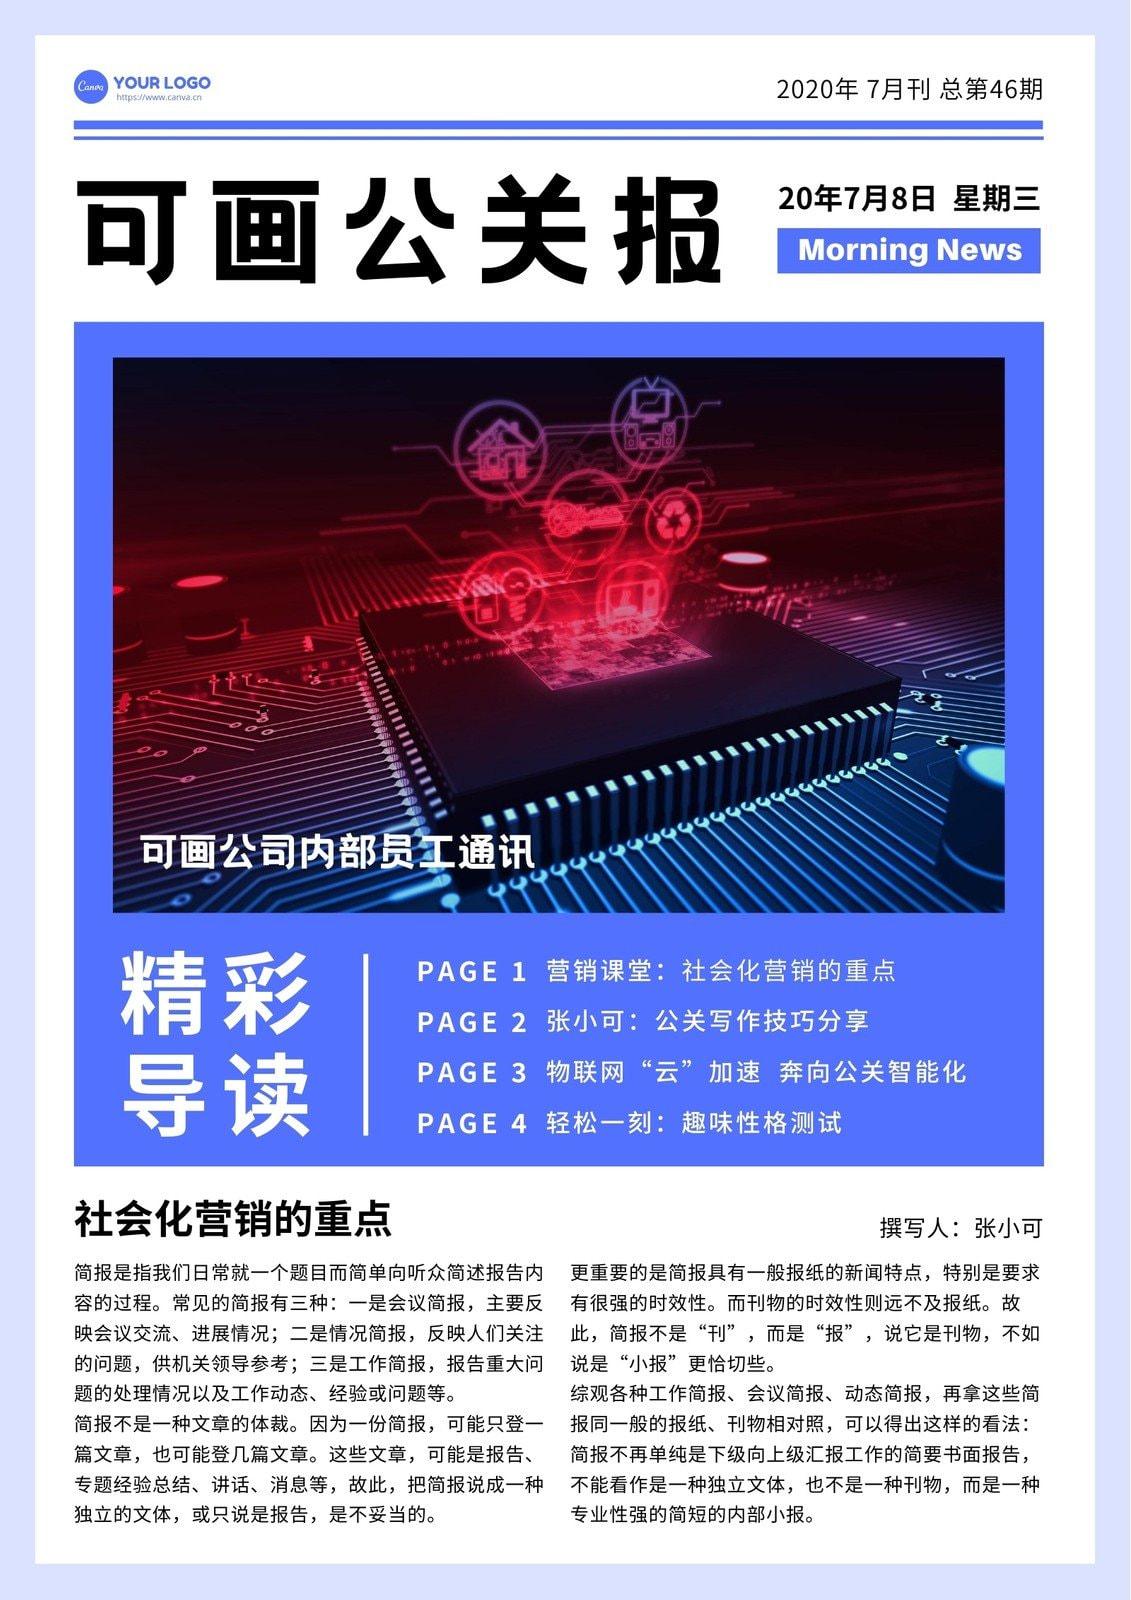 蓝红色抽象几何圆形线条渐变星空商务公关宣传中文简报